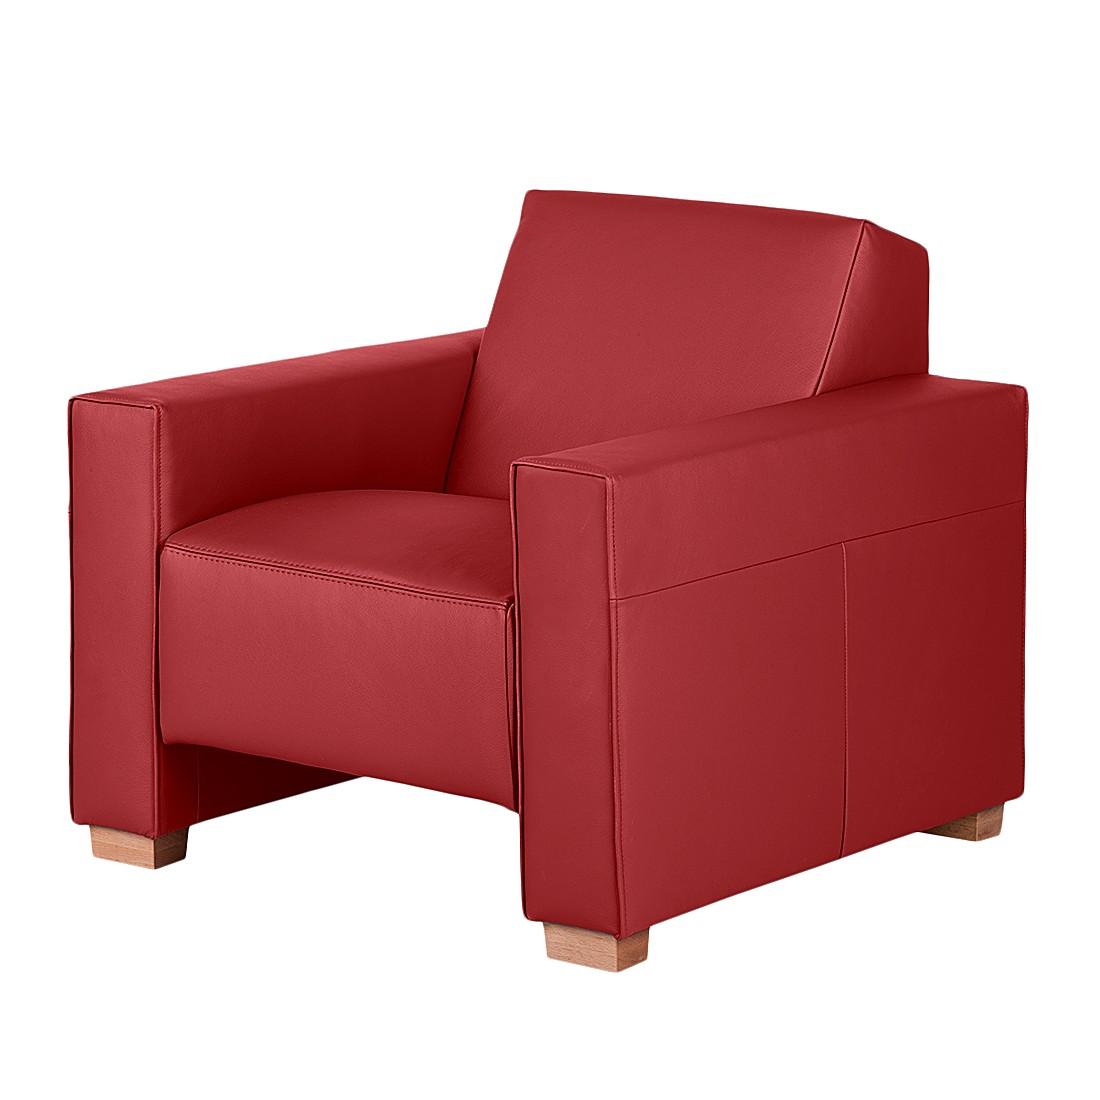 Sessel Midar - Echtleder Rot, roomscape